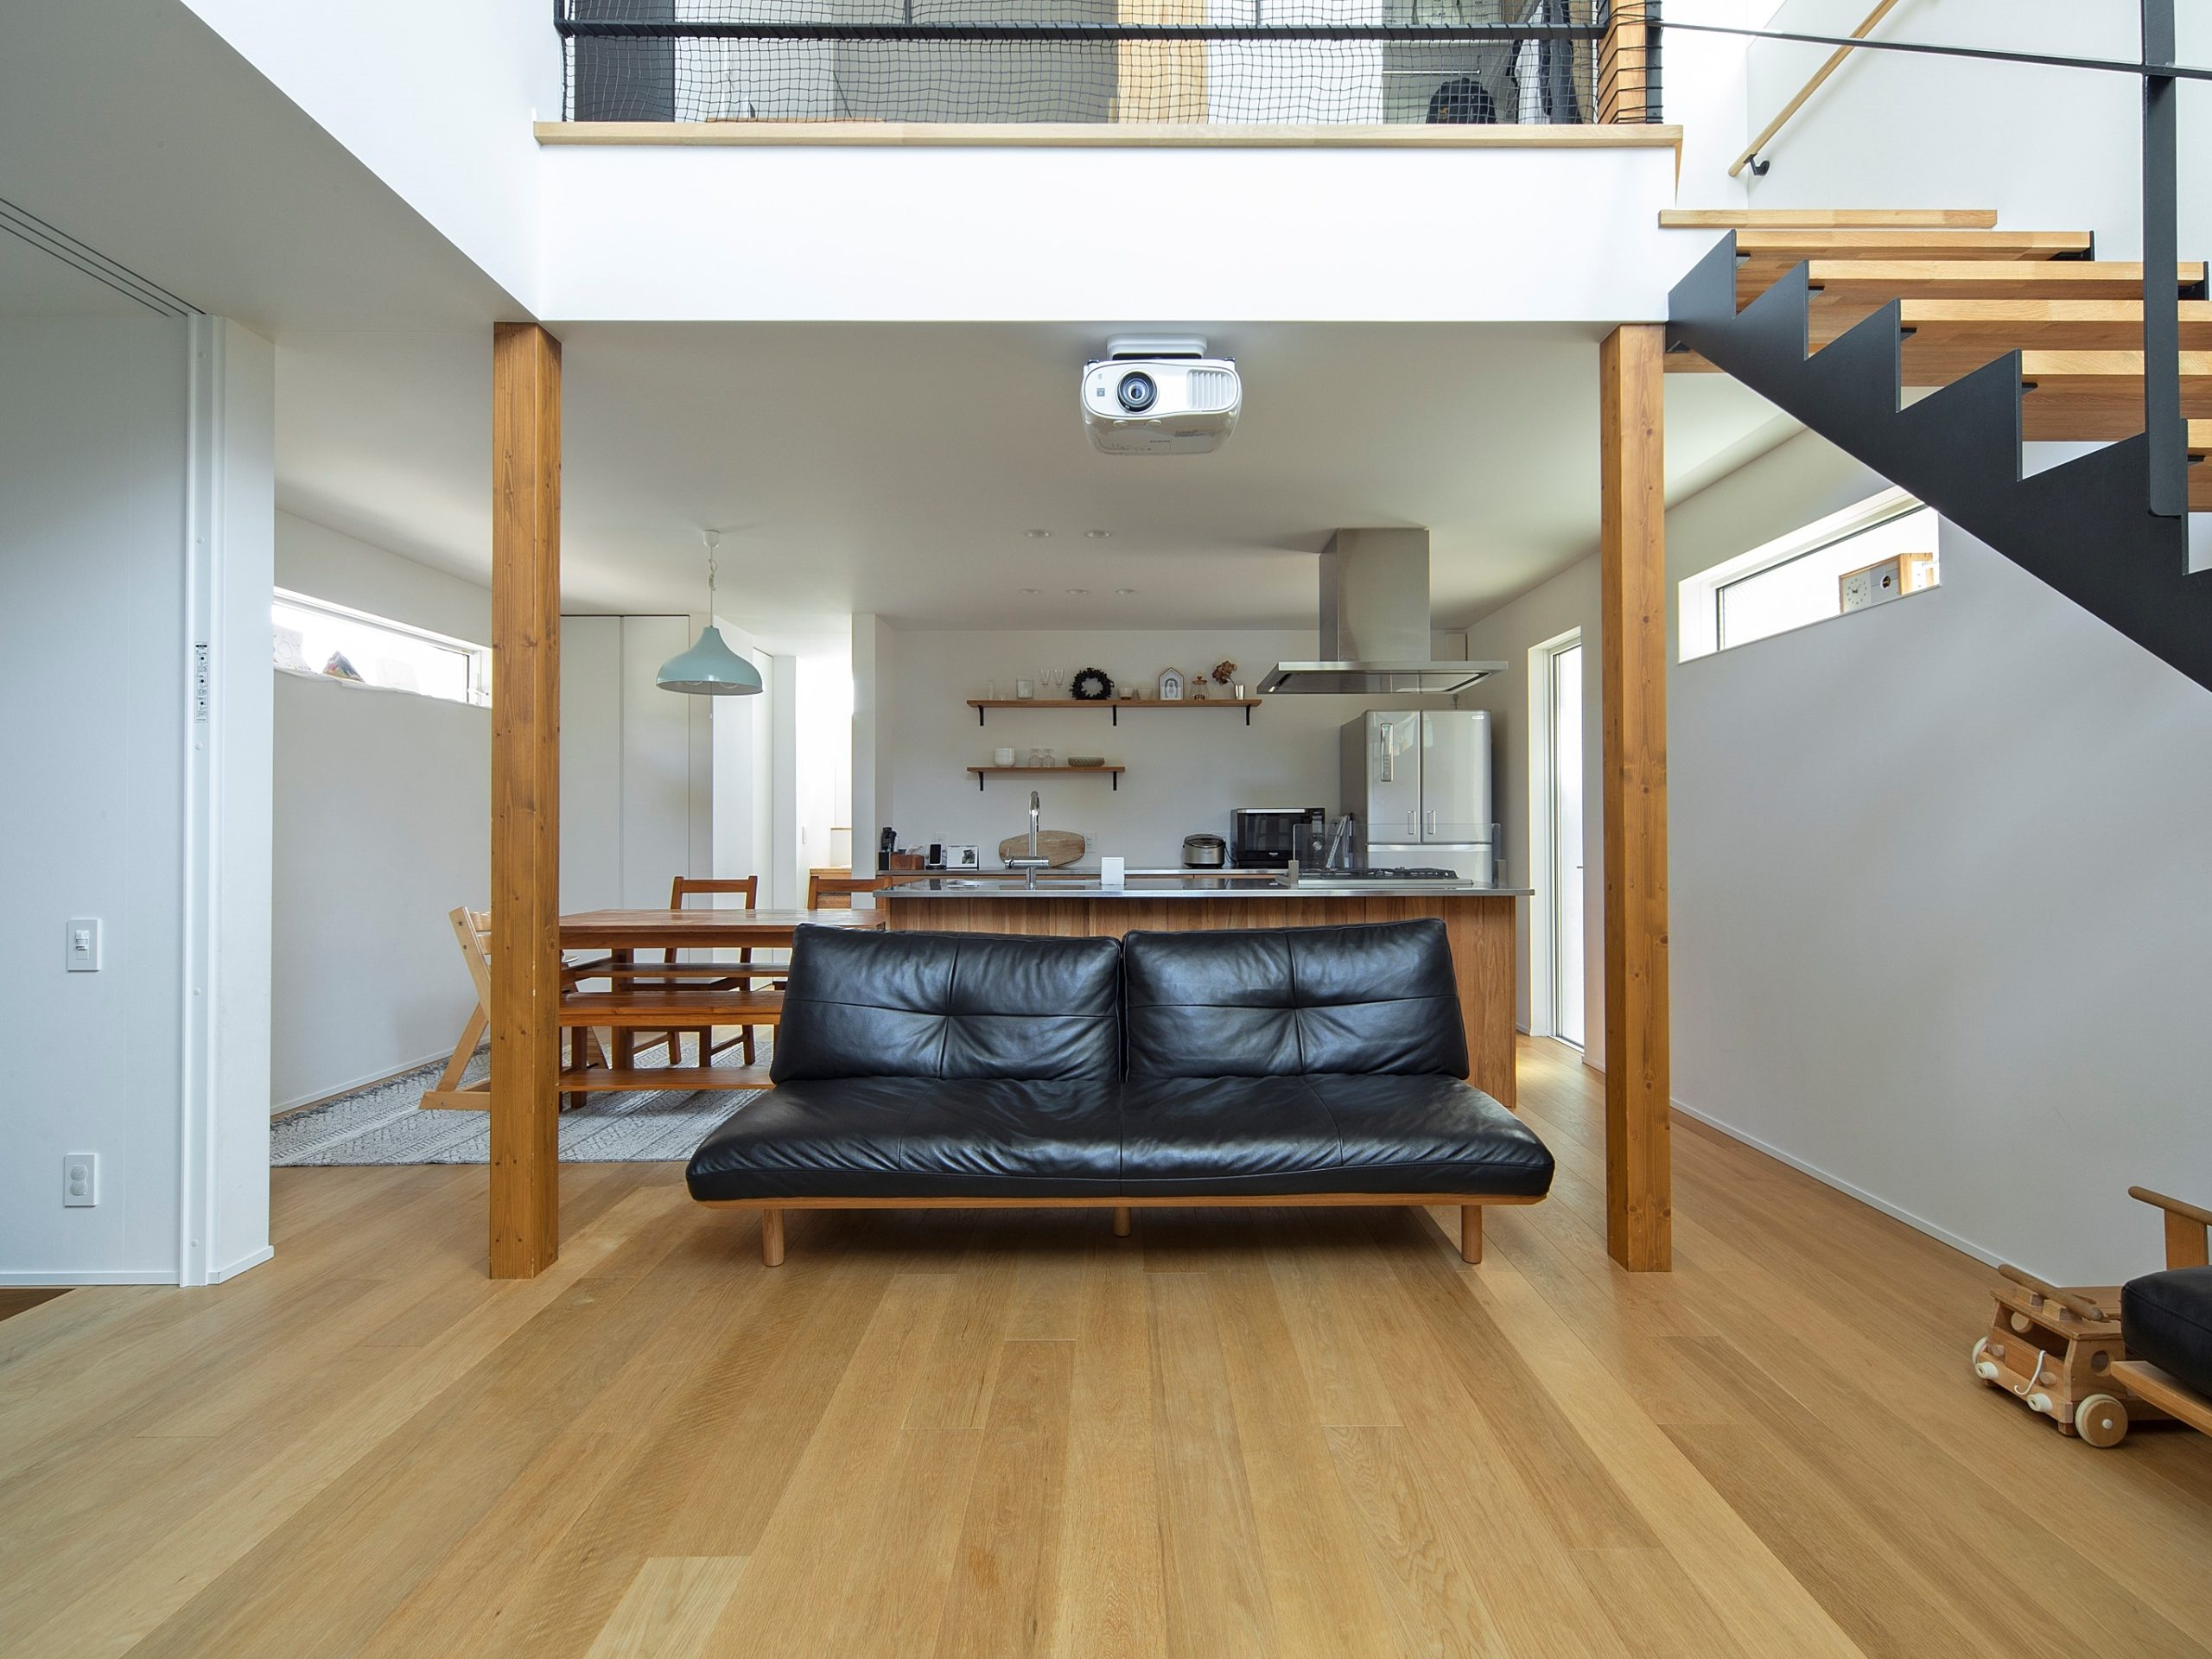 キッチンを中心にした回遊できる動線で空間を快適に